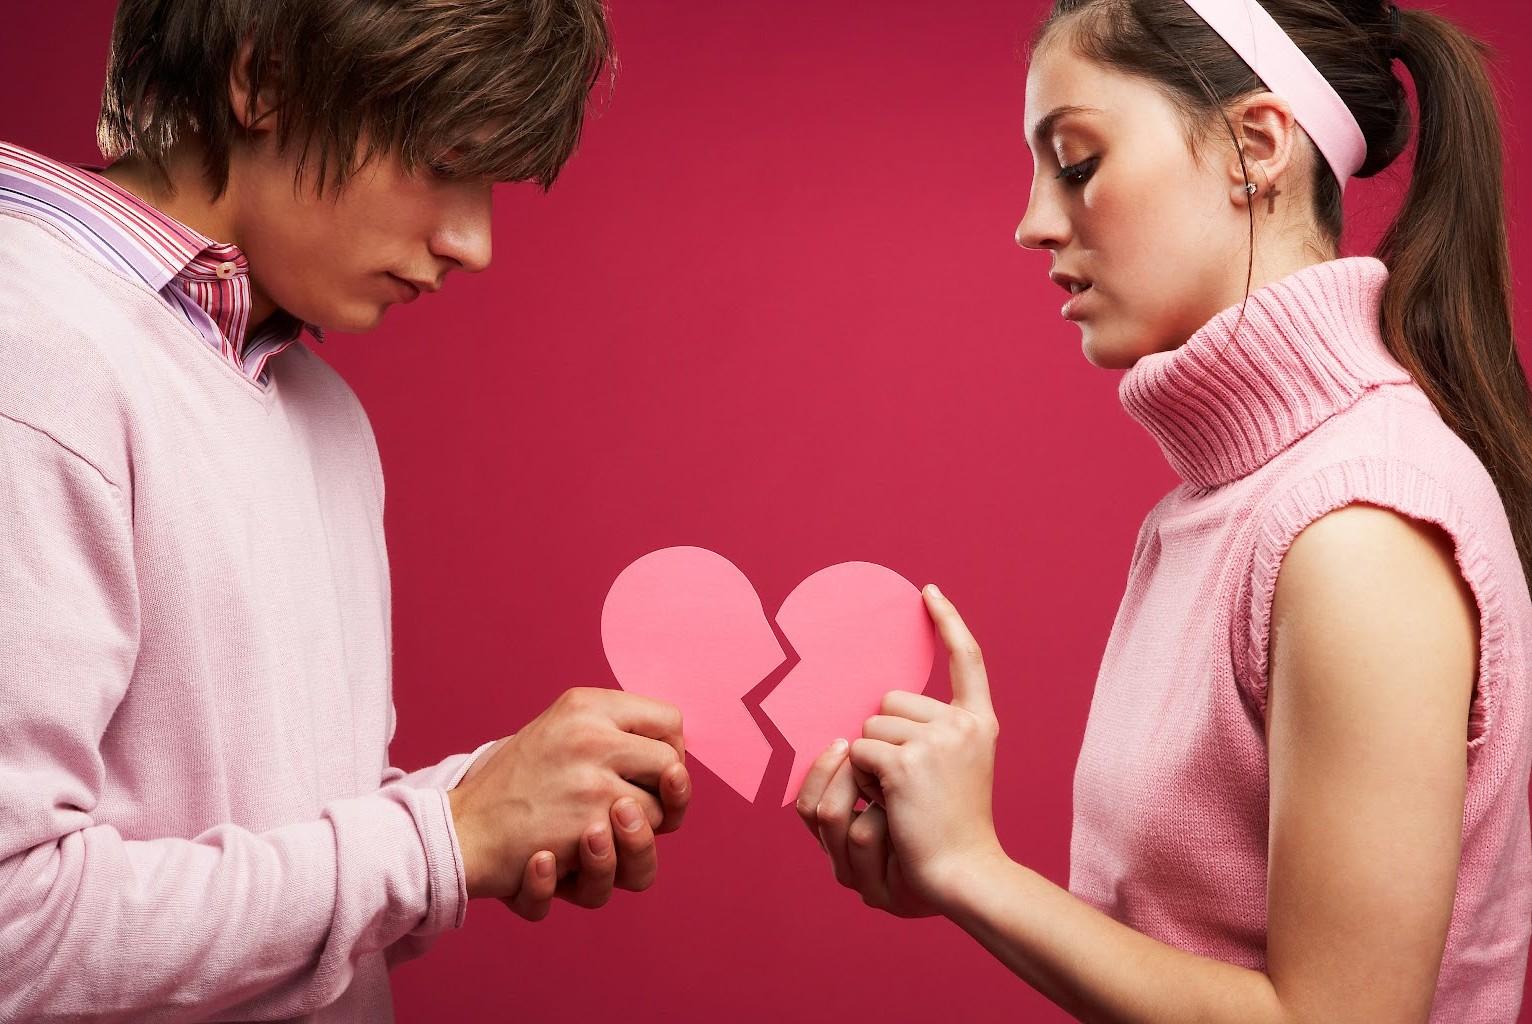 В ходе эволюции человек научился переживать расставание с любимым